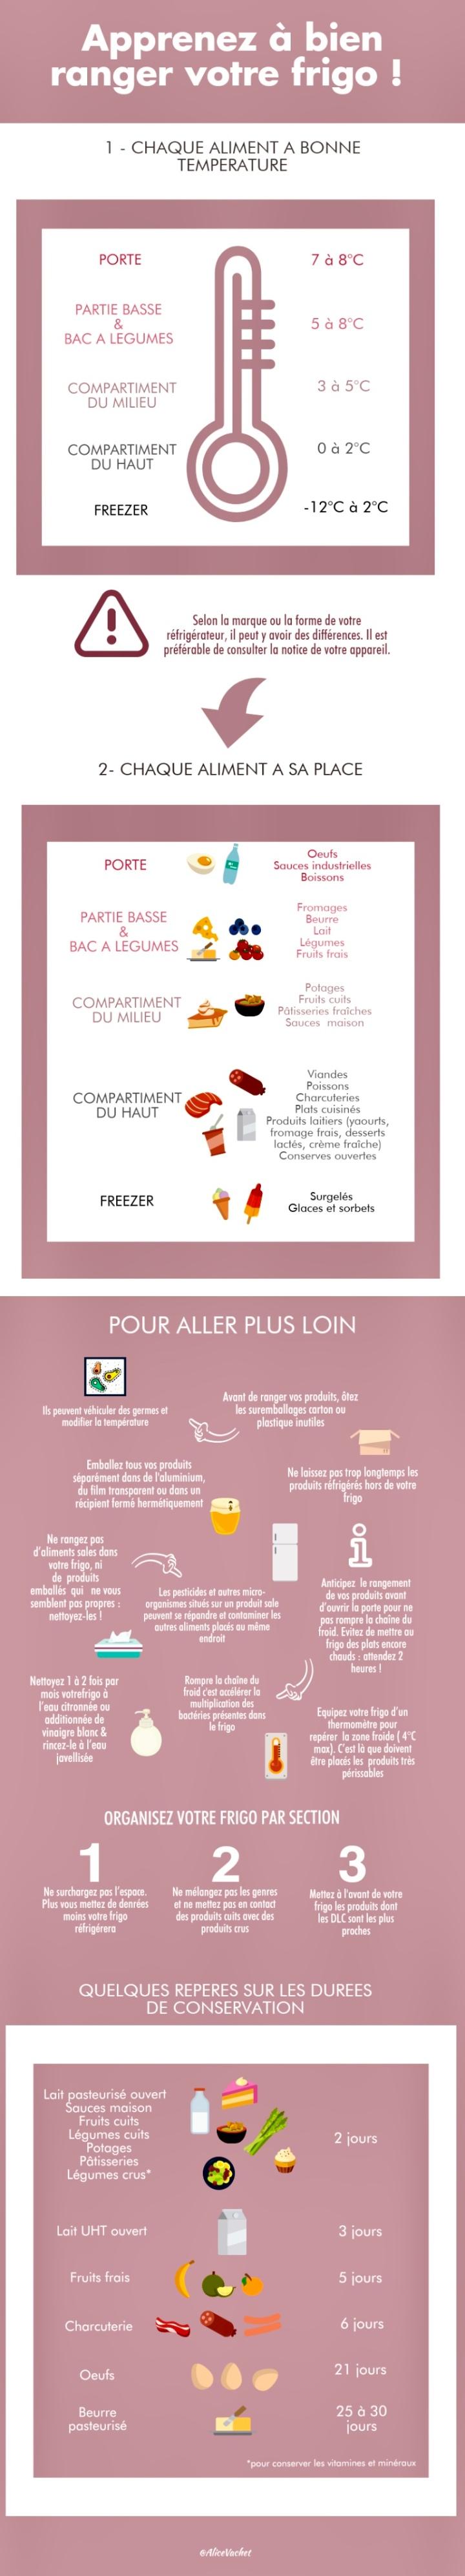 [Infographie] Gaspillage Alimentaire : Bien ranger son frigo♻️